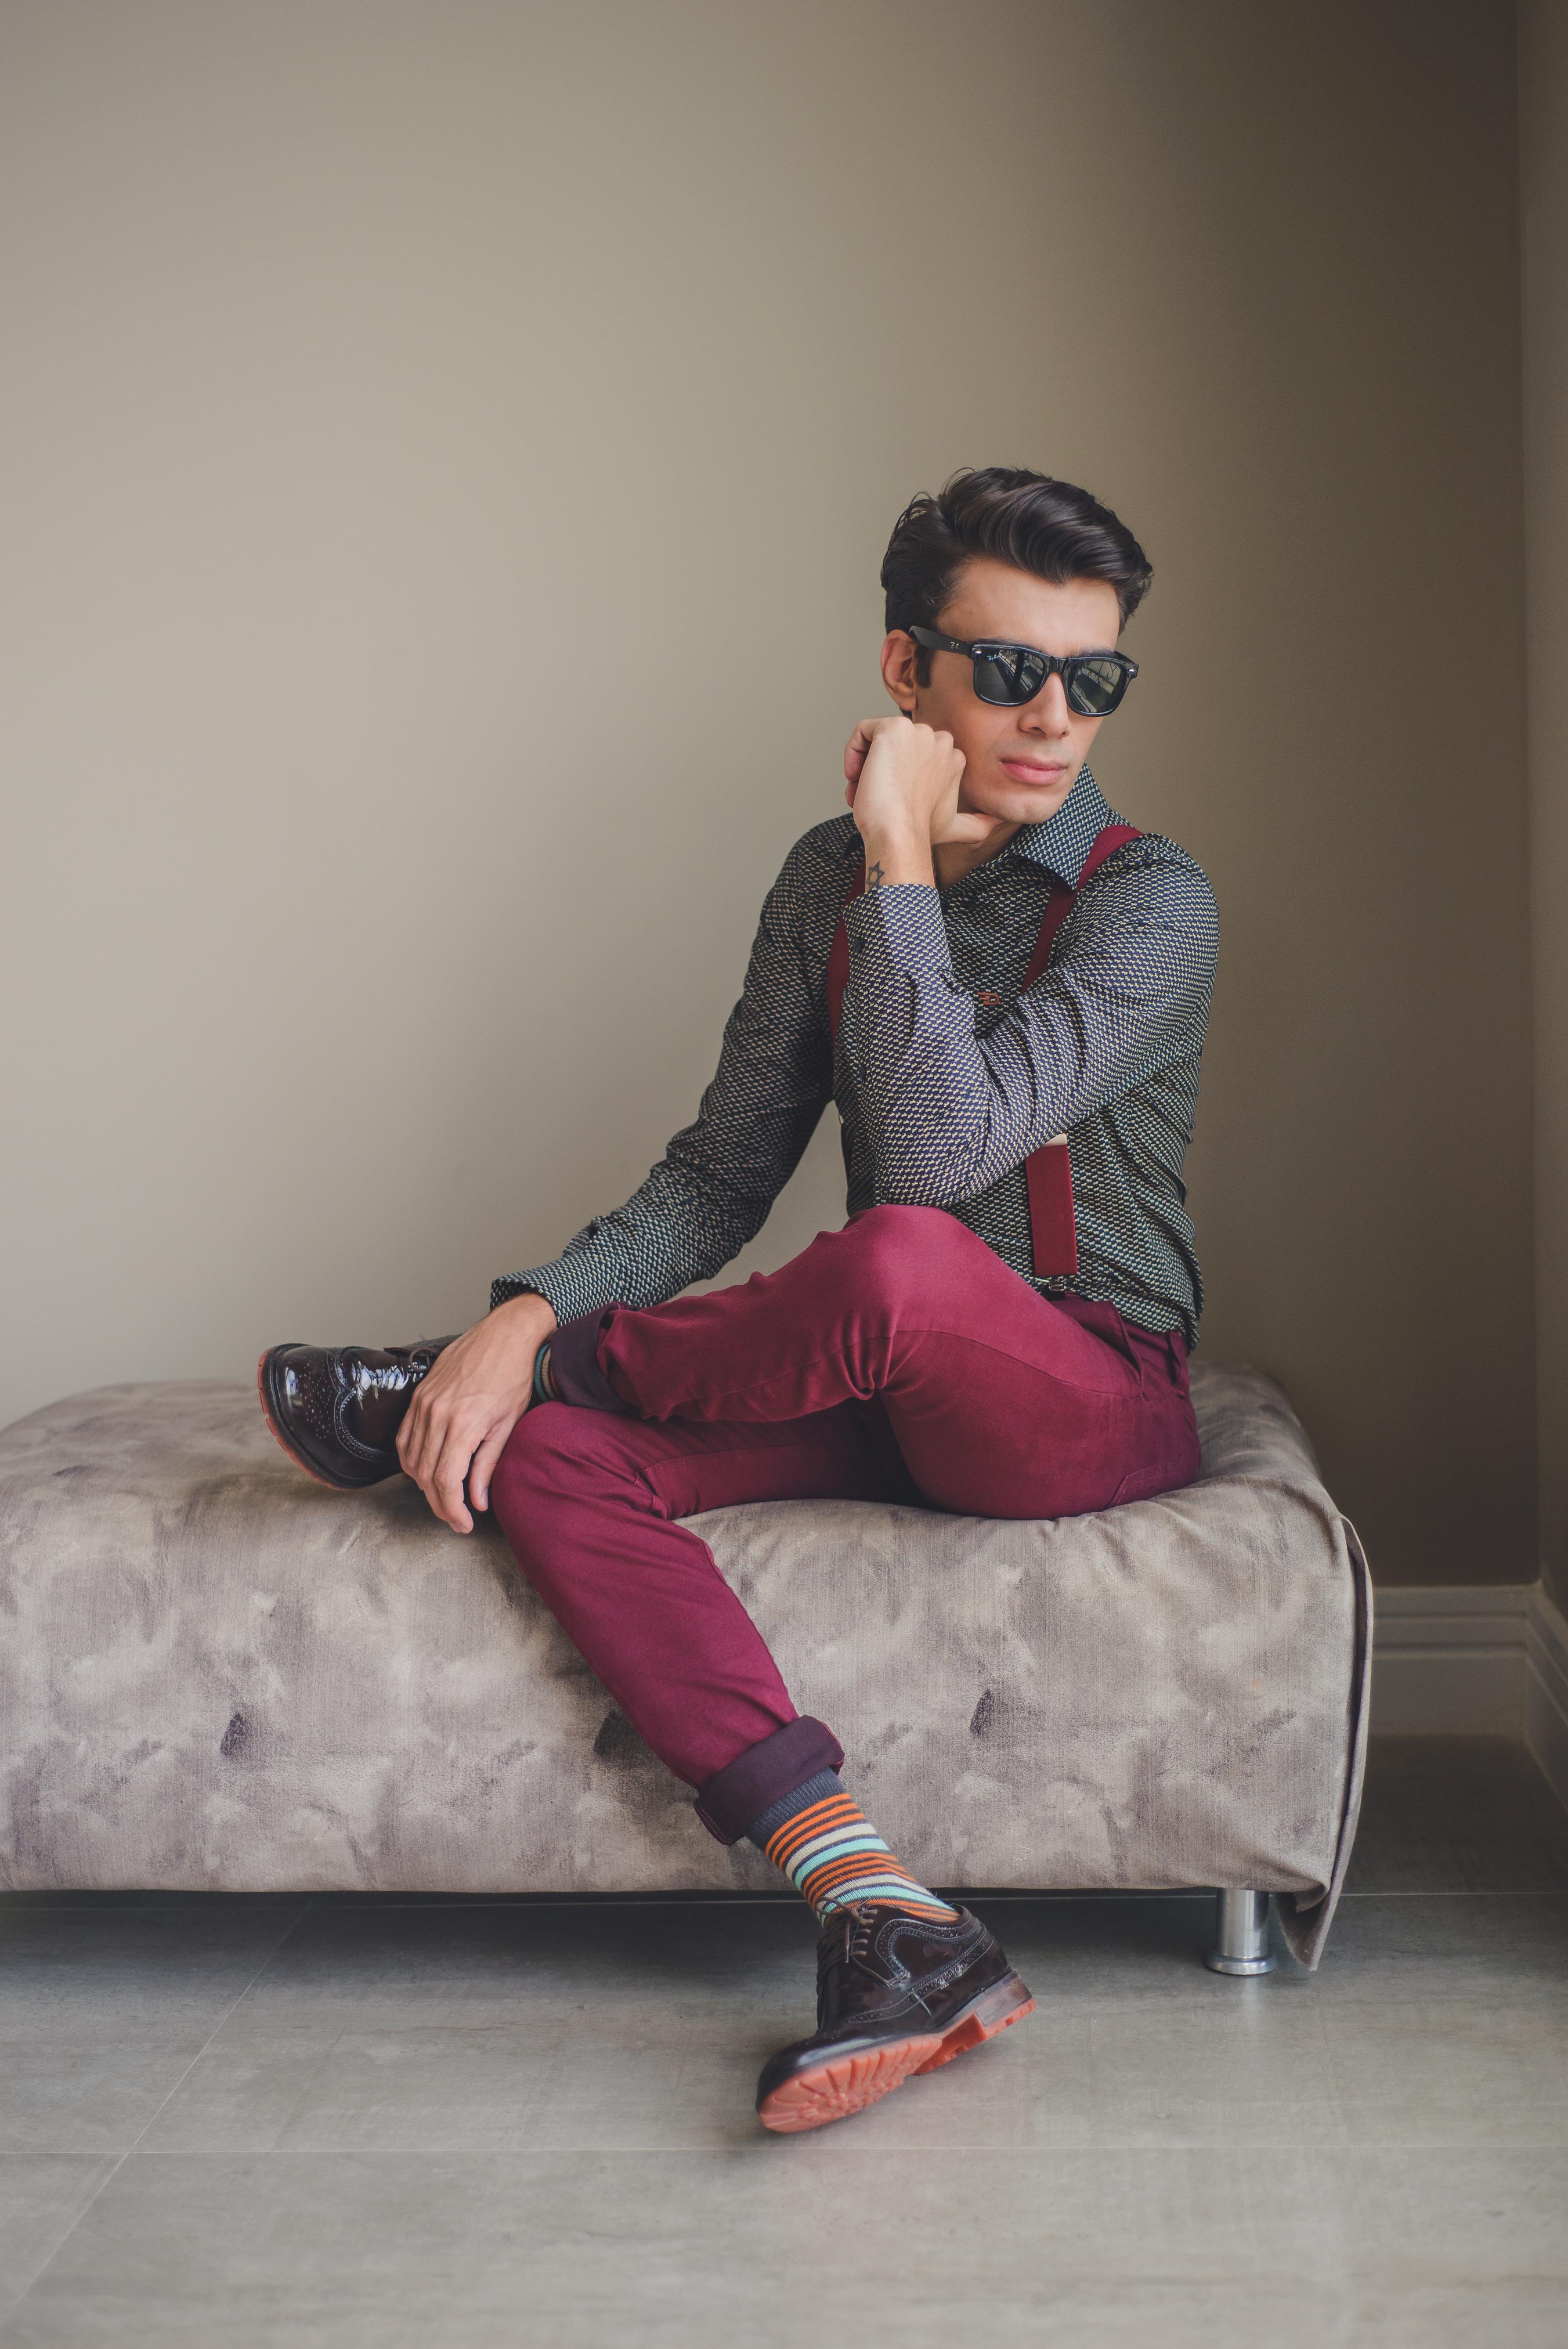 alex-cursino-youtuber-blogger-fashion-blogger-ootd-moda-classica-suspensorio-masculino-como-usar-suspensorio-rafaella-santiago-matheus-komatsu-editorial-de-moda-menswear-dicas-de-moda-5